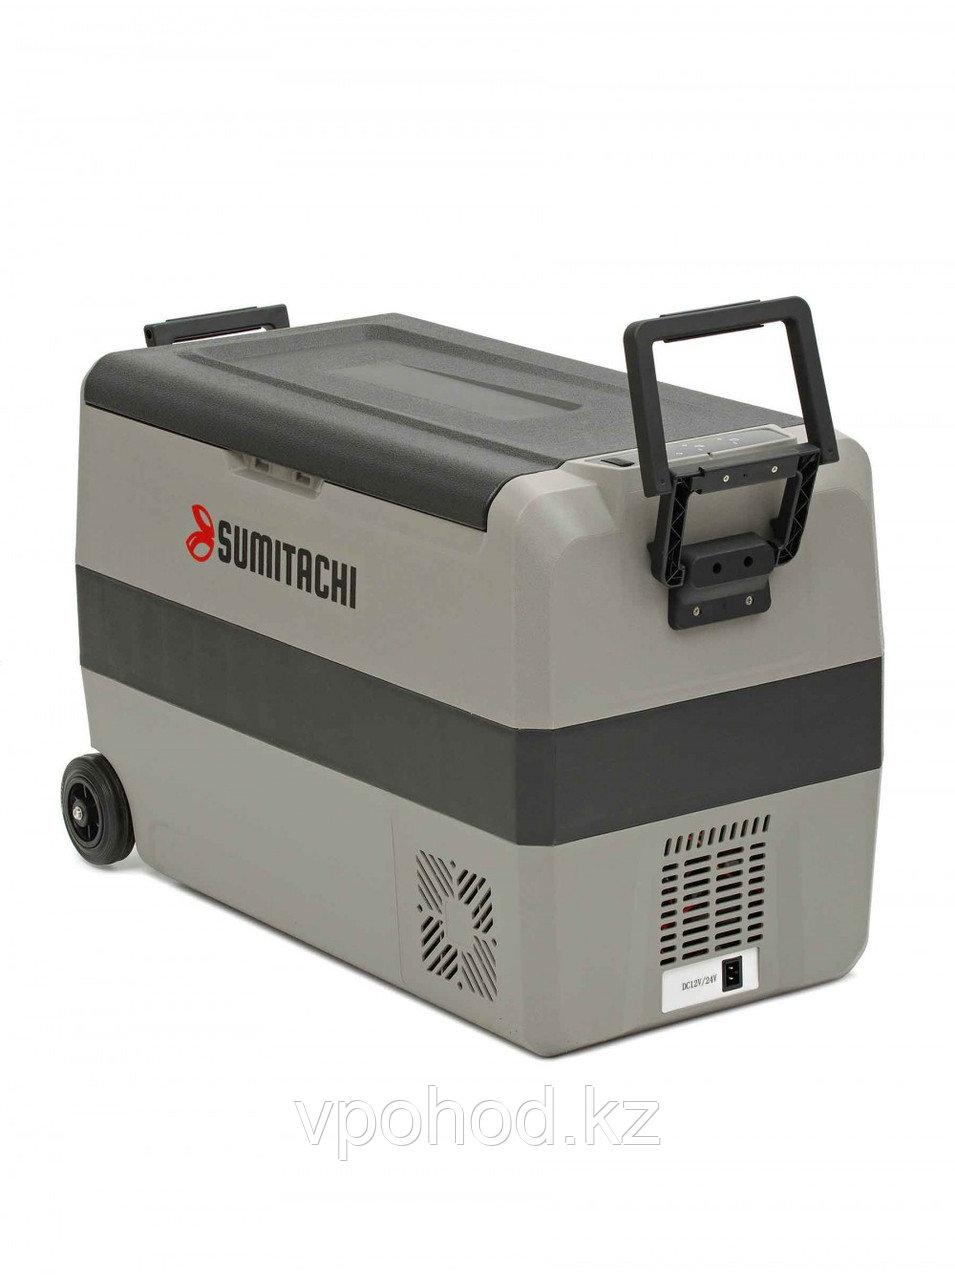 Компрессорный автохолодильник SUMITACHI T50 (50 л.)